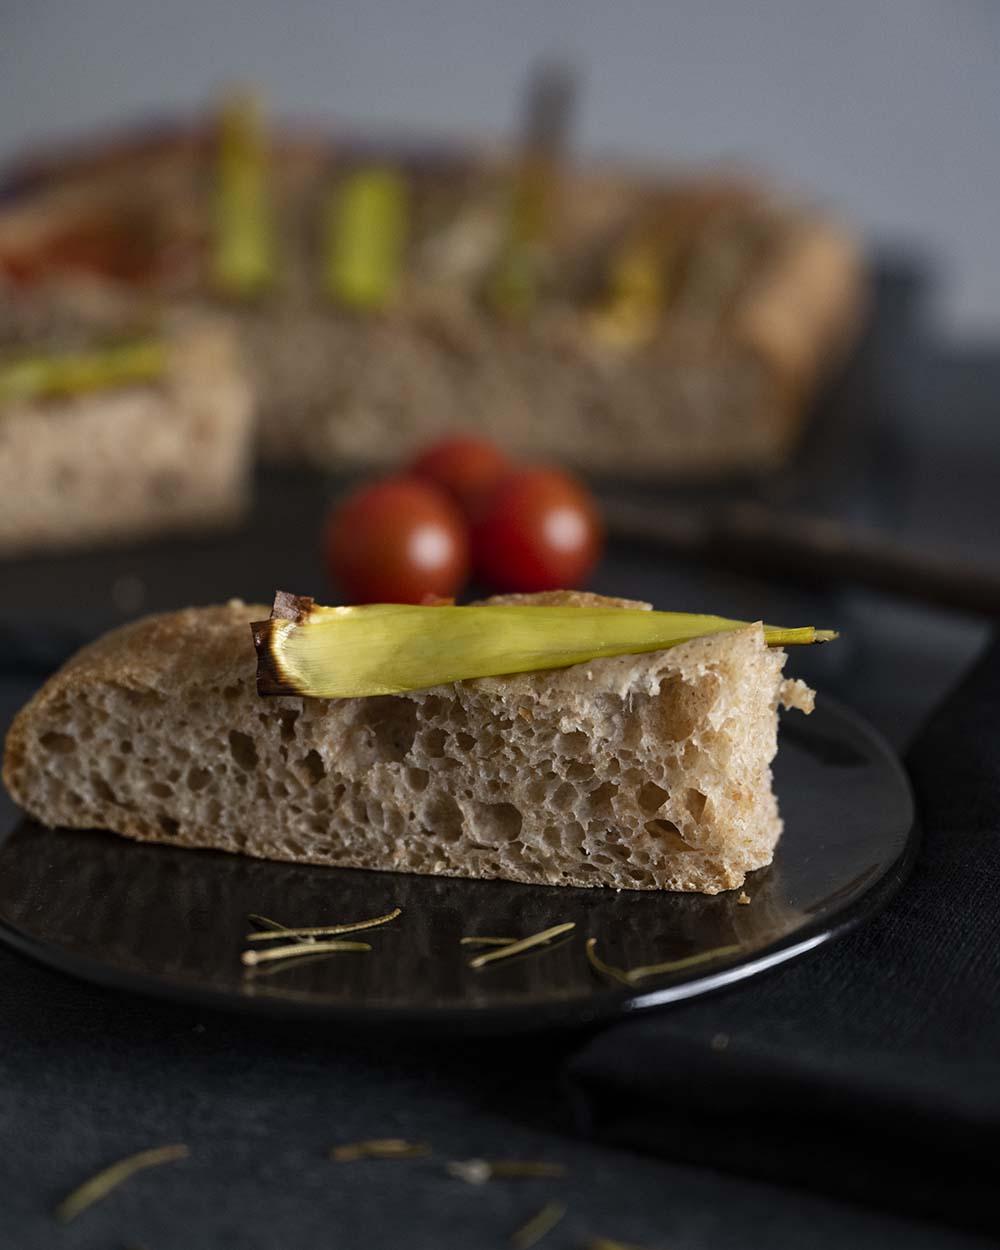 Ein Stück Foaccia mit gEmüse auf einem Teller. Auf der Scheibe Brot ist ein Stück Lauch zu sehen.